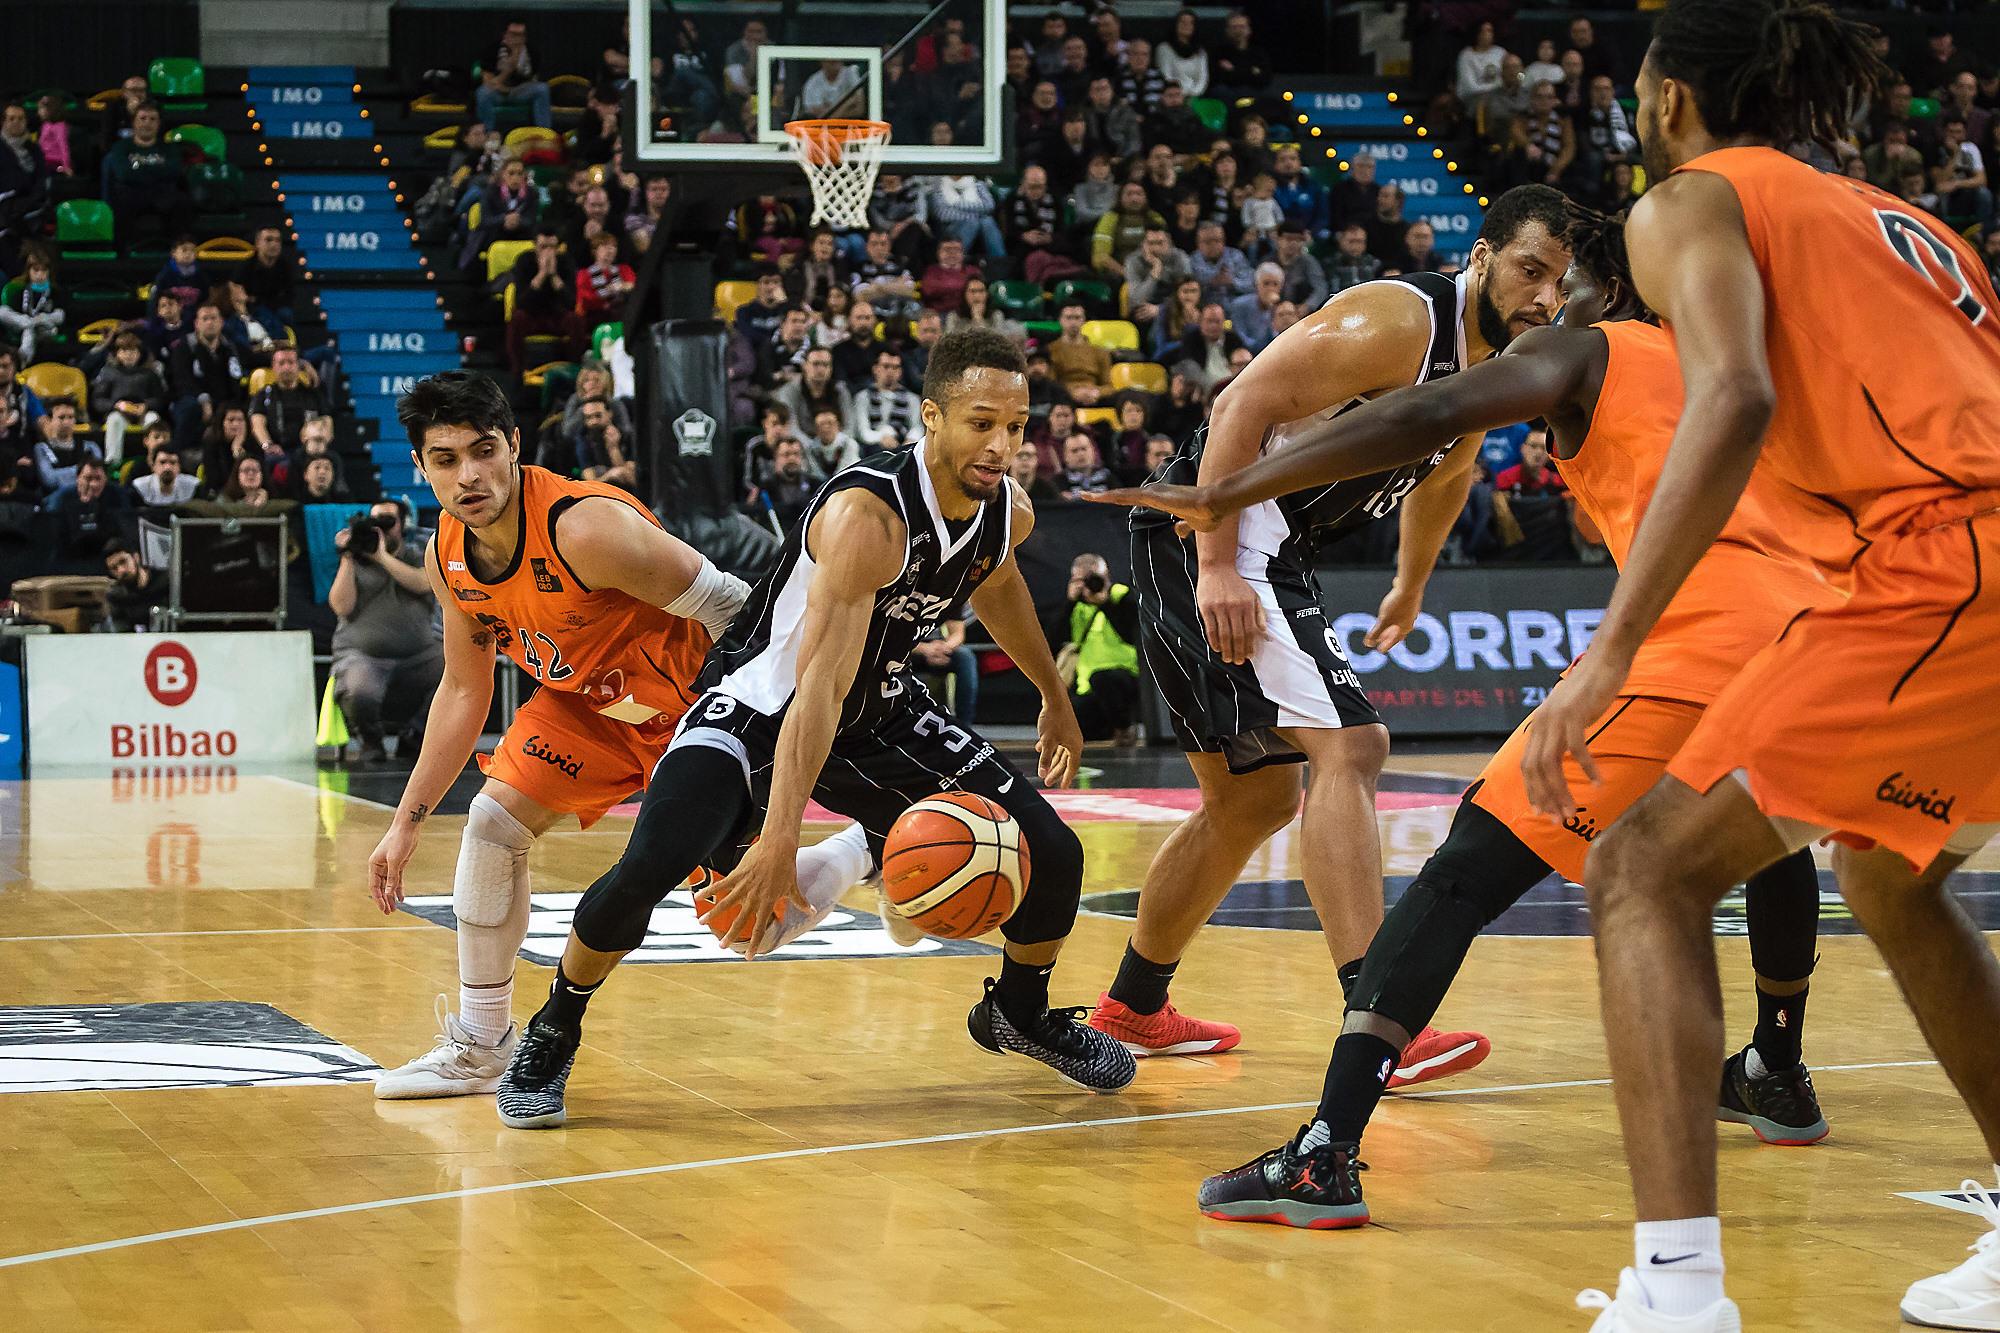 Brown entre tres defensores (Foto: Luis Fernando Boo).